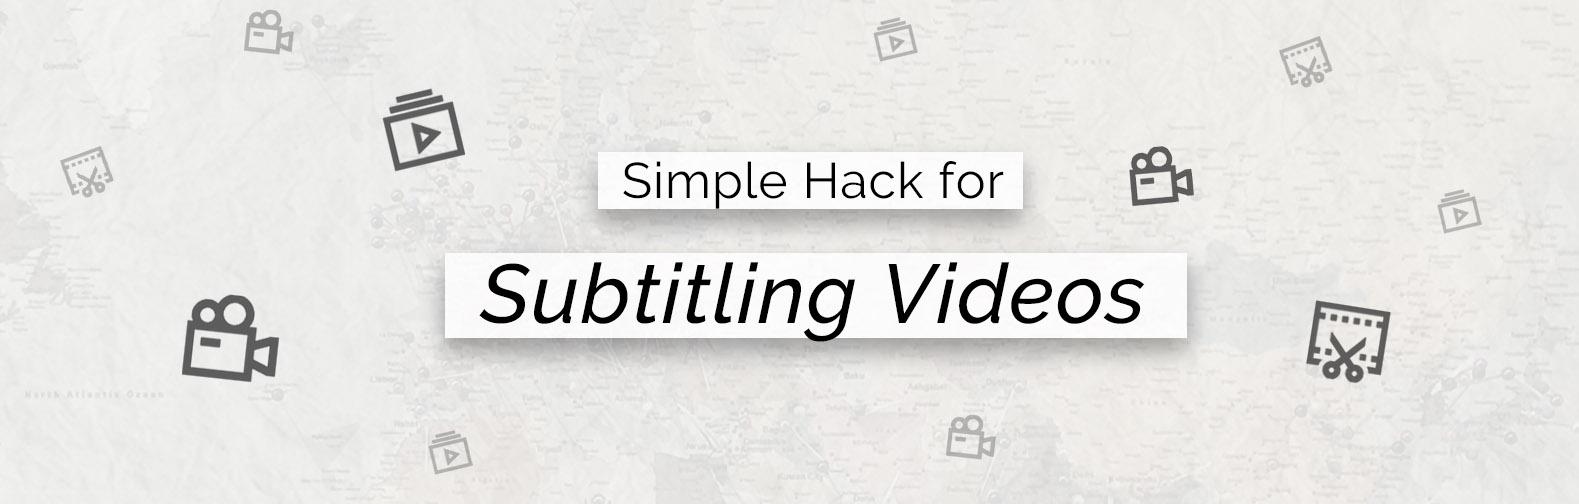 02 Captioning Videos for Social Media on Basic Editing Software (like iMovie)_emily kay stoker_blog header.jpg